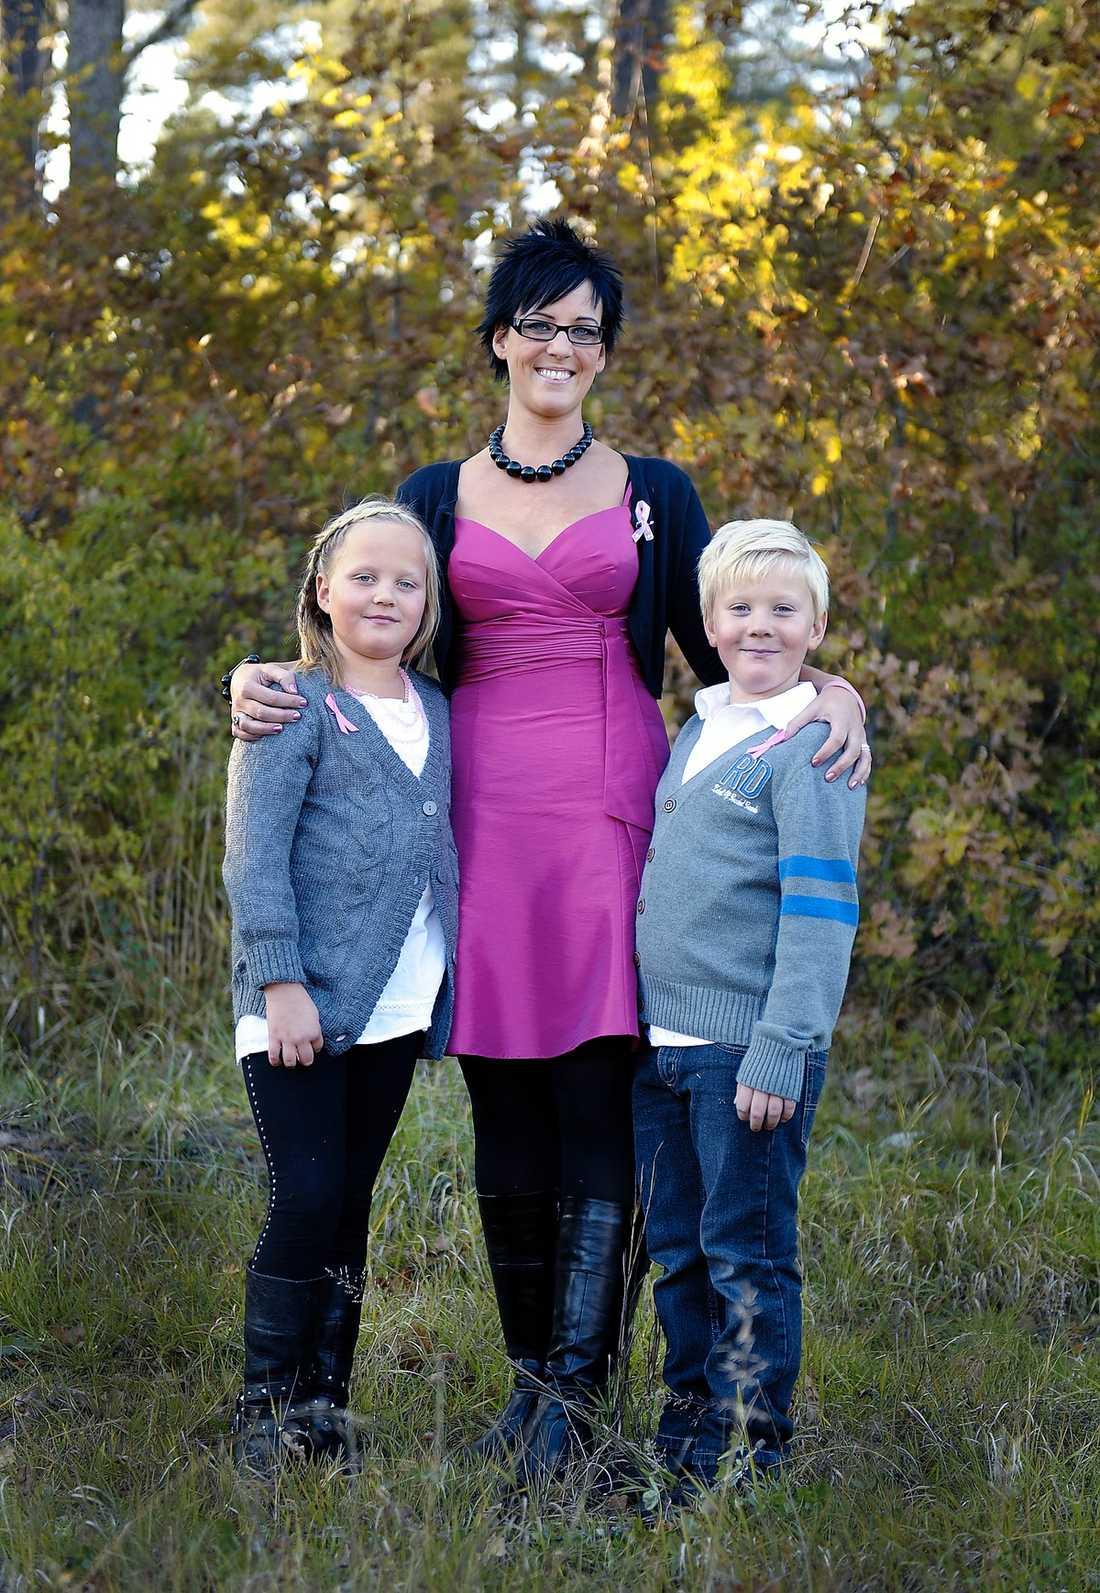 TACKSAM Madeléne, 33, med sina tvillingar Amanda och Jonathan, som fyller 8 år i dag.